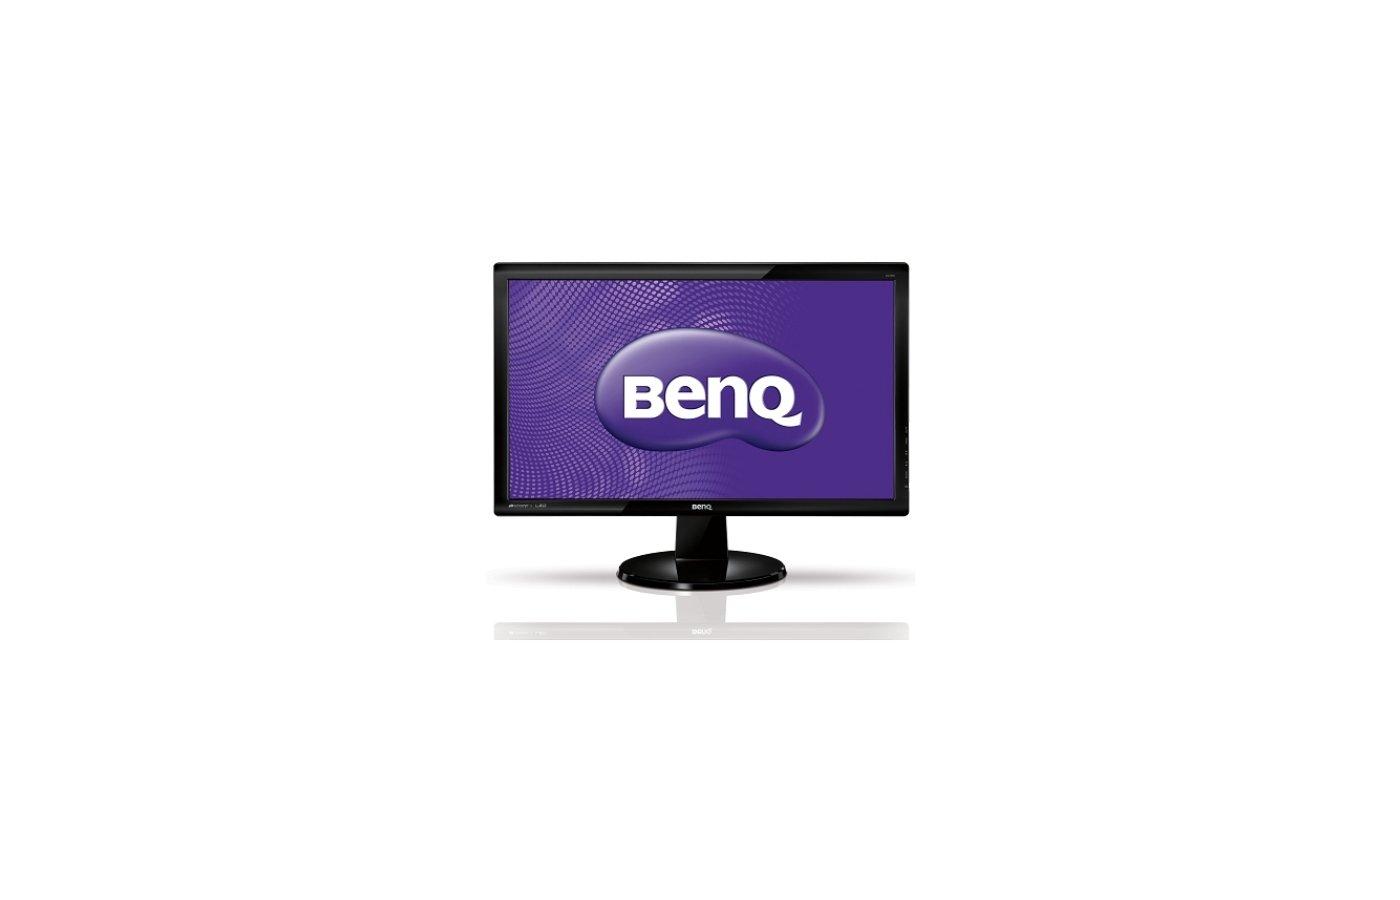 """ЖК-монитор более 24"""" Benq GL2450E Glossy-Black /9H.L7ALA.FPE/9H.L7ALA.DP9/"""